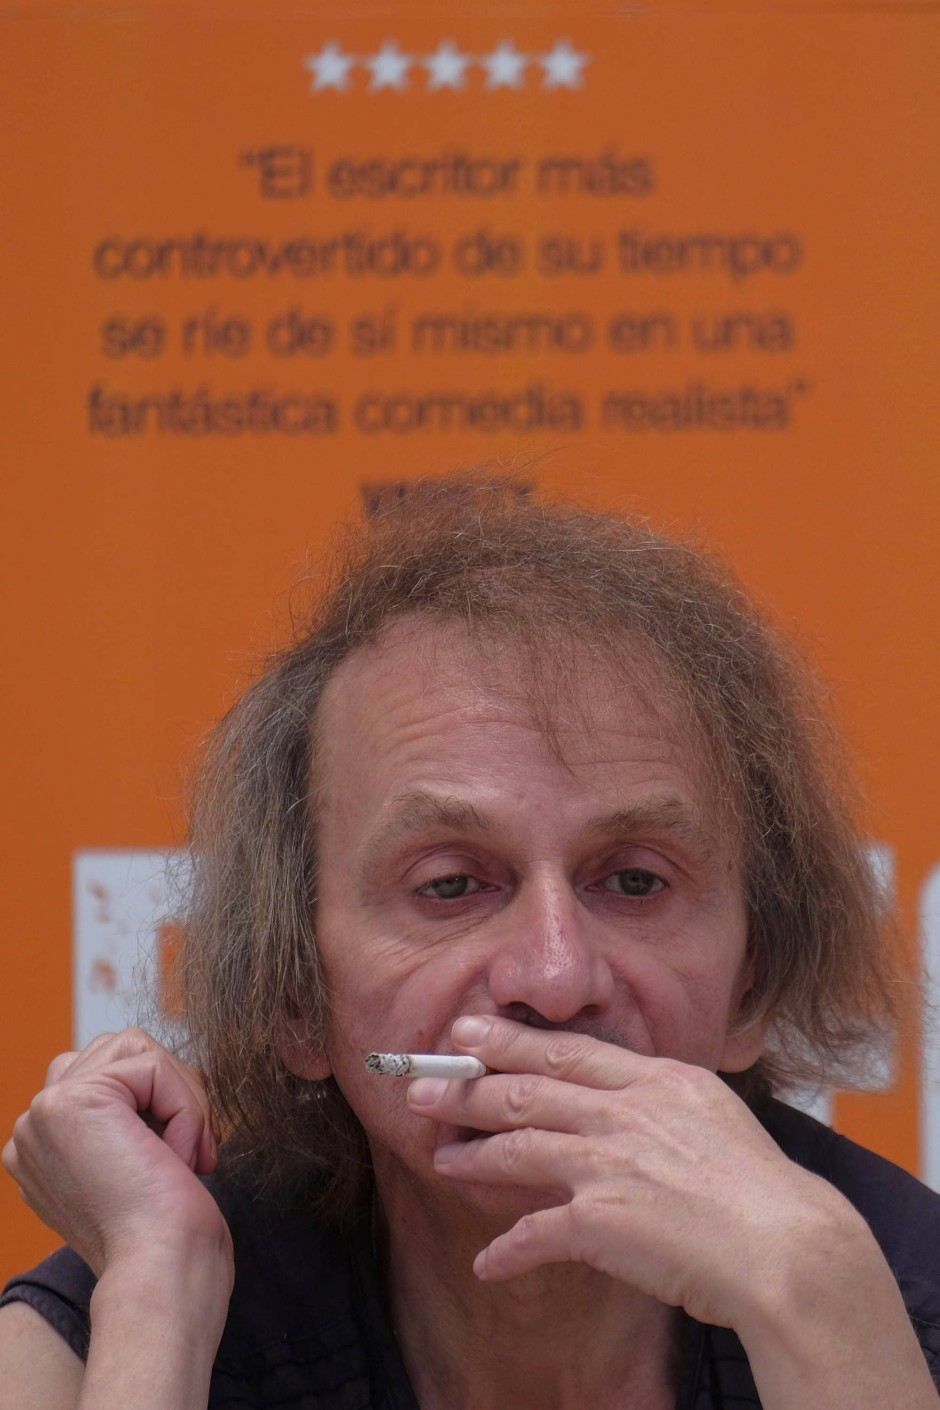 Die Zigarette zwischen den nikotingelben Fingern: Michel Houellebecqs typische Raucherpose